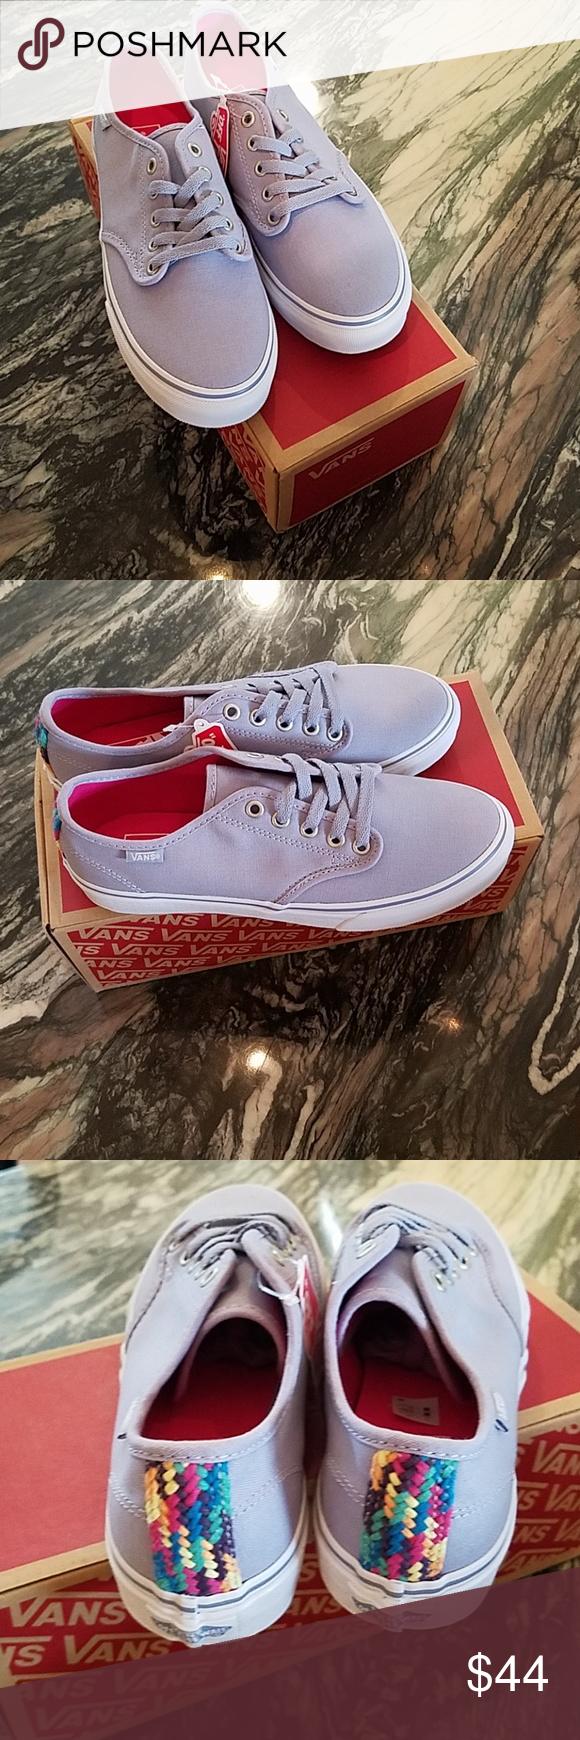 89513595b3 Vans Camden Stripe Sneakers New in Box Vans Camden Stripe Eventide Sneakers  Lace up Style Gray